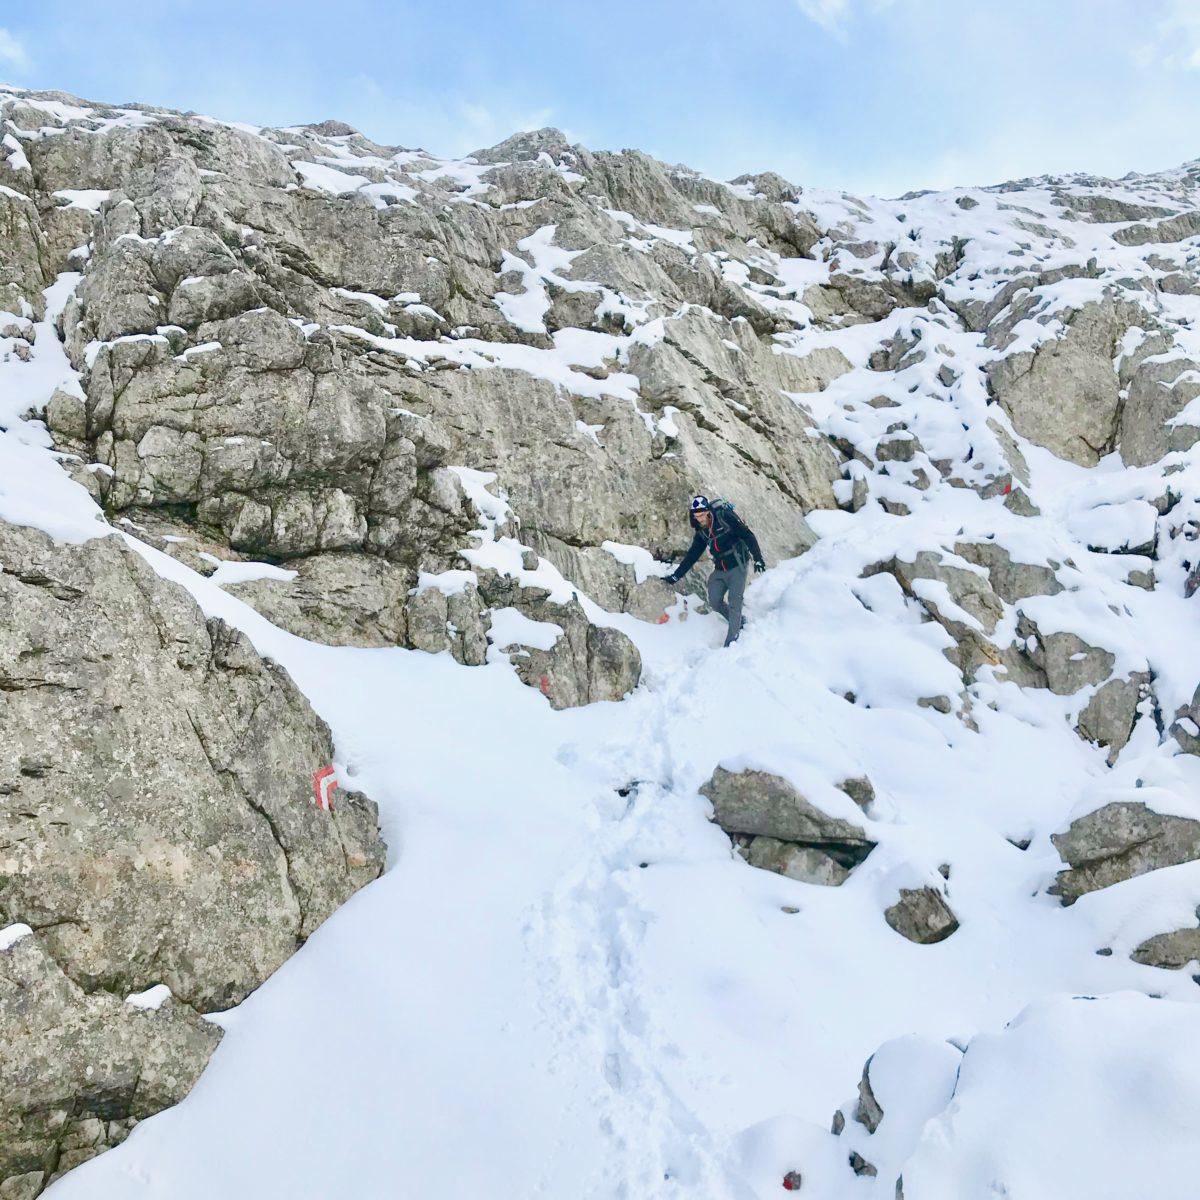 Der Weg ist bei Schnee schlecht zu finden